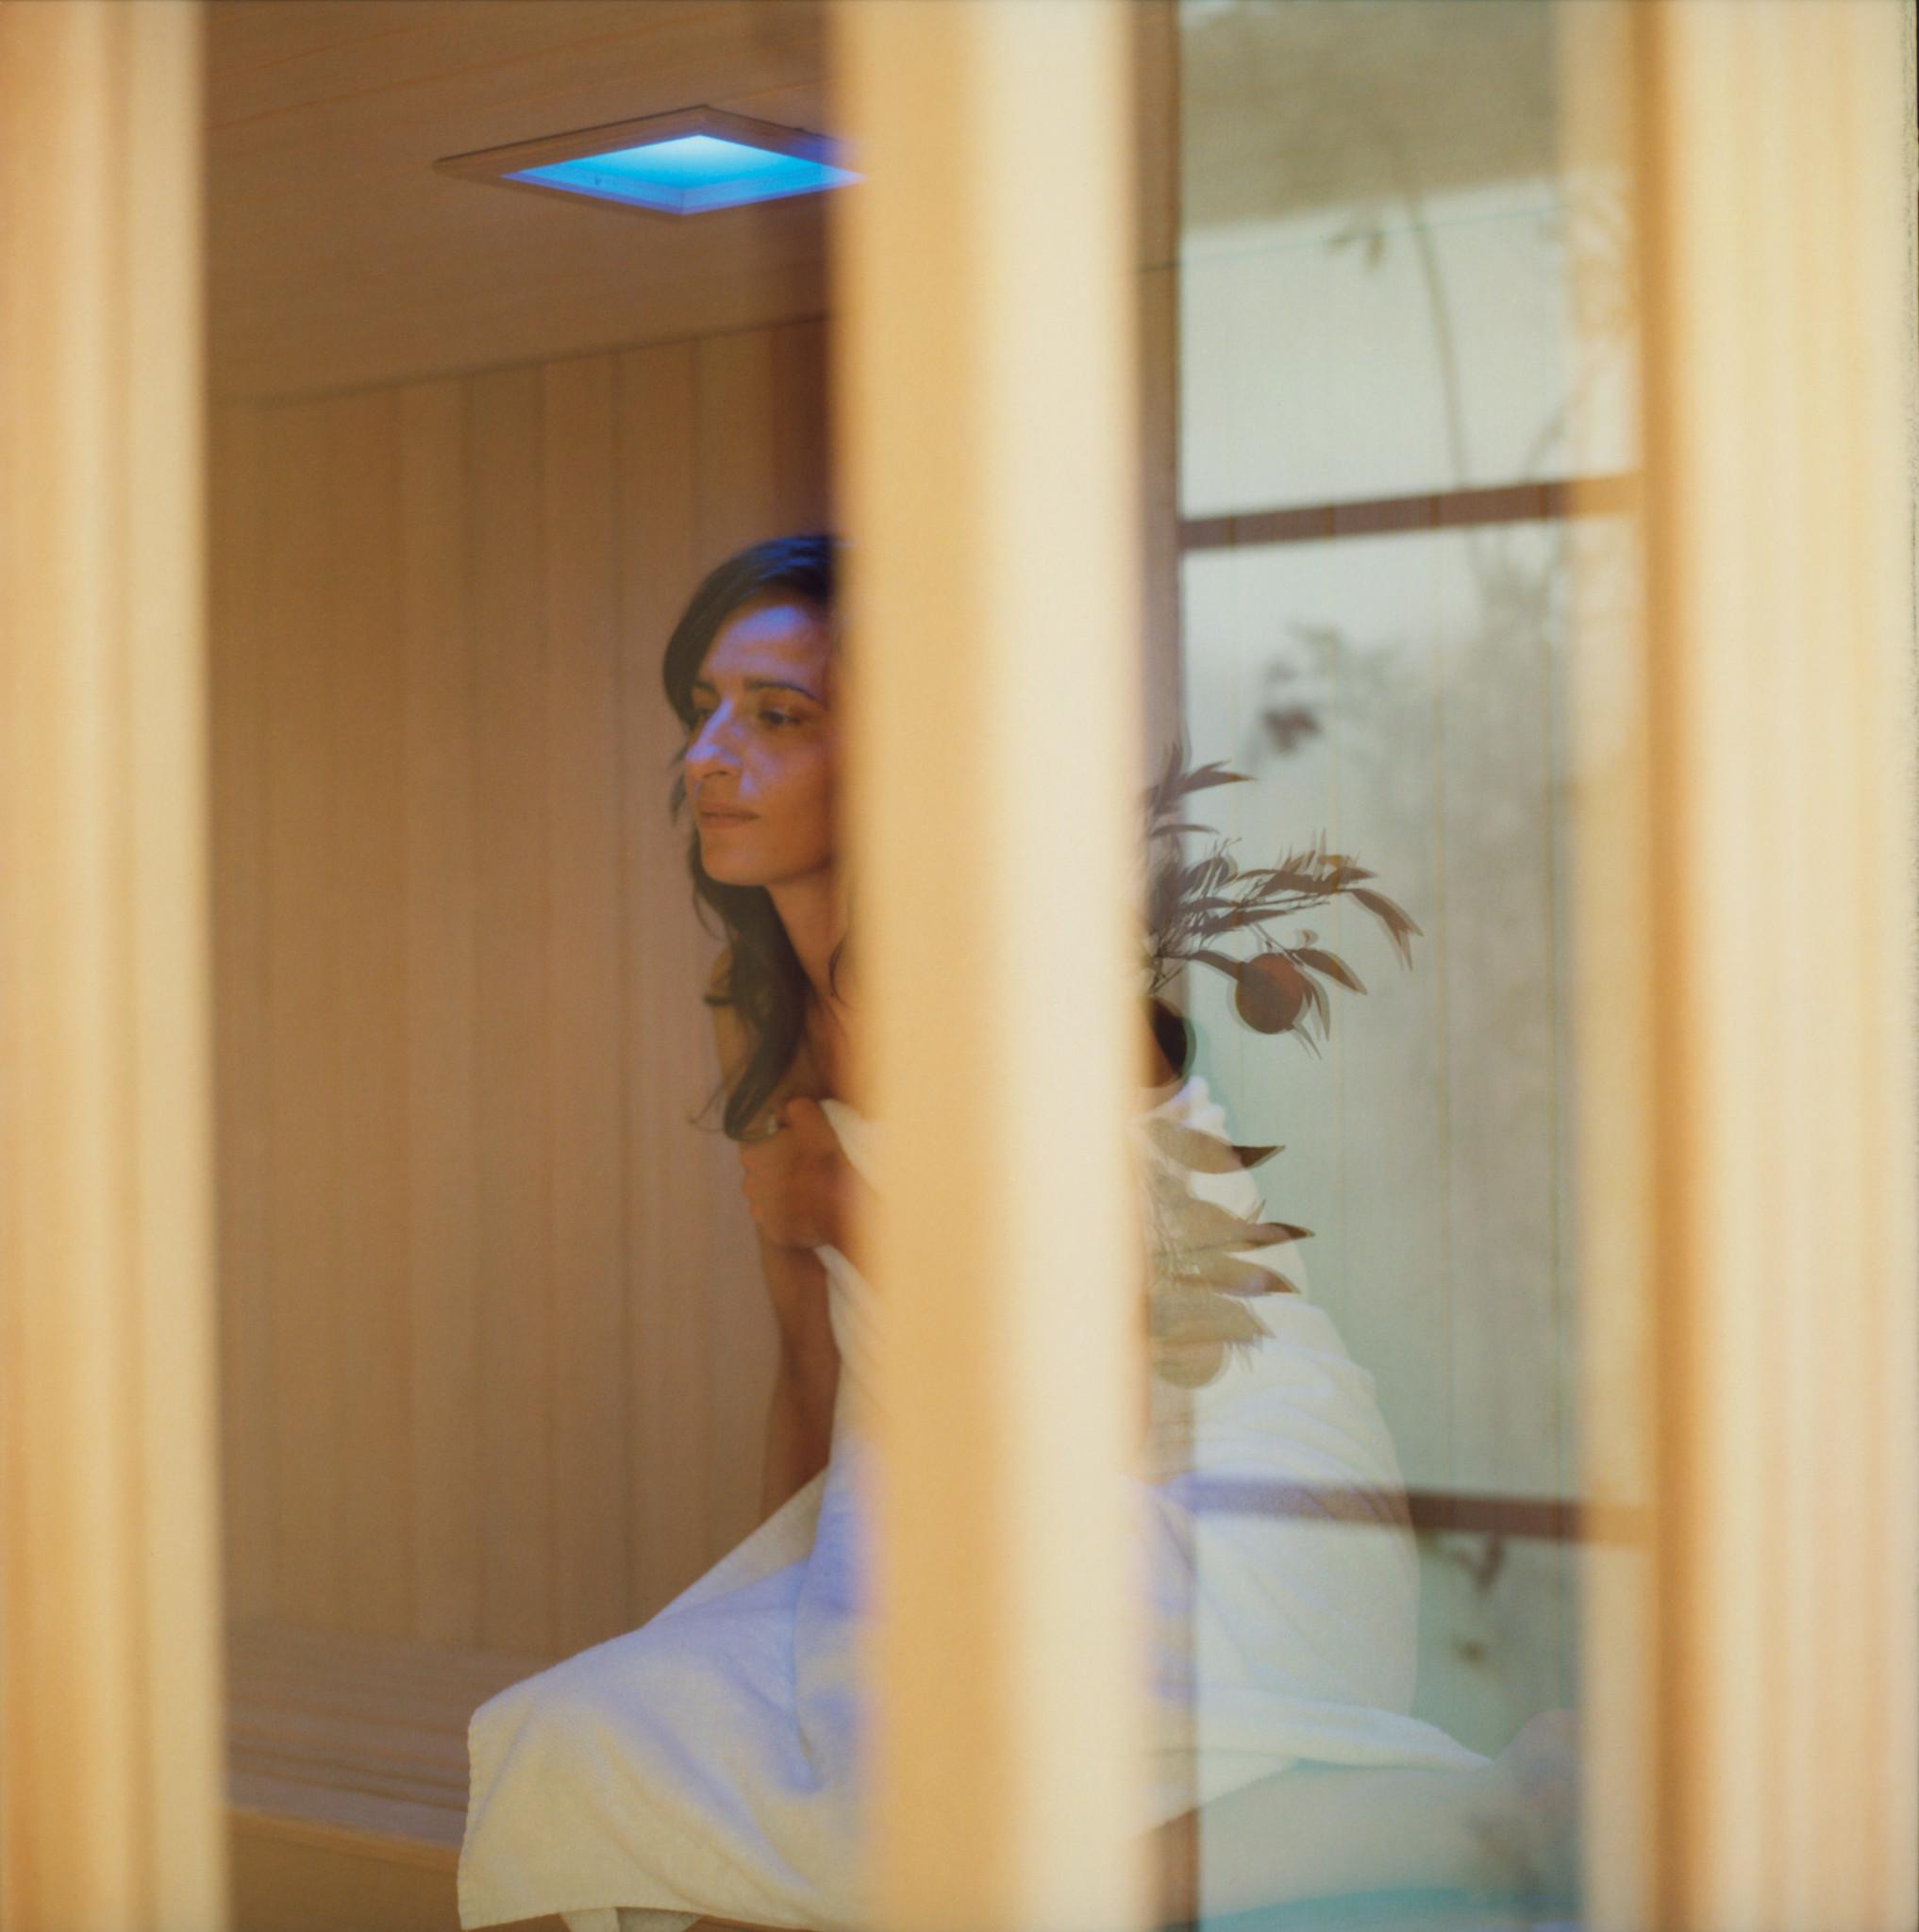 Cromoterapia per sauna - Effegibi